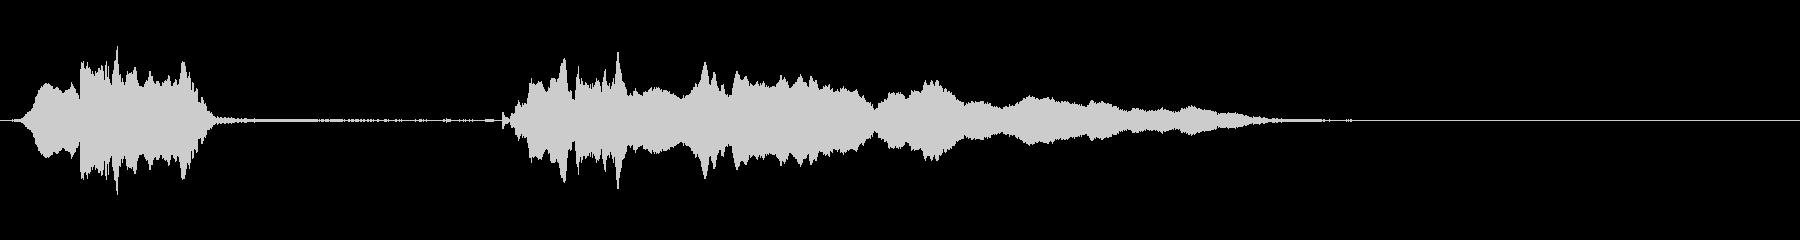 バイオリン:狼ののアクセント、漫画...の未再生の波形